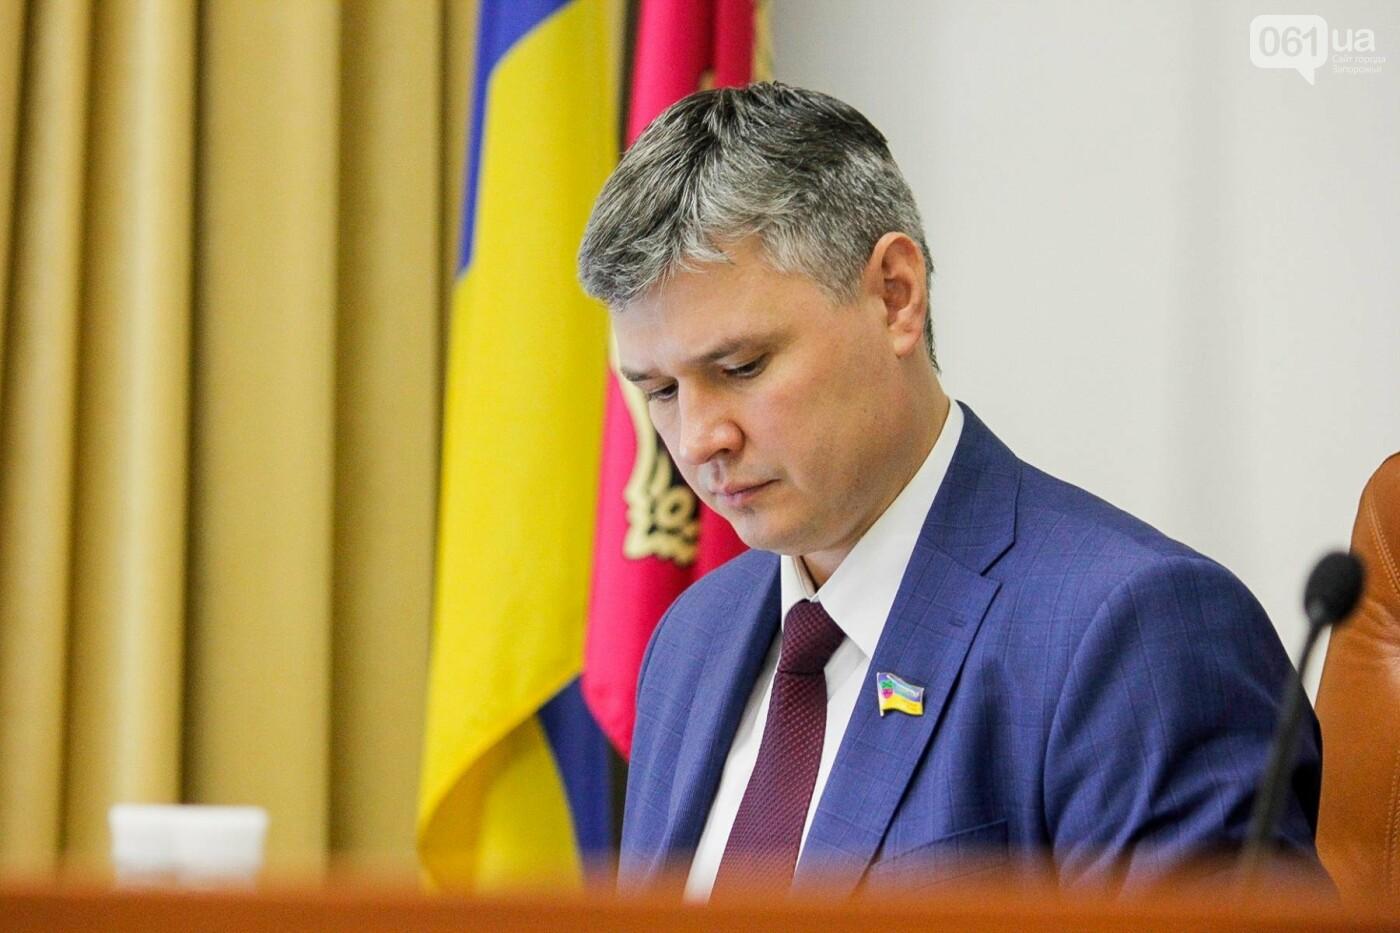 Сессия запорожского горсовета в 55 фотографиях, - ФОТОРЕПОРТАЖ, фото-18